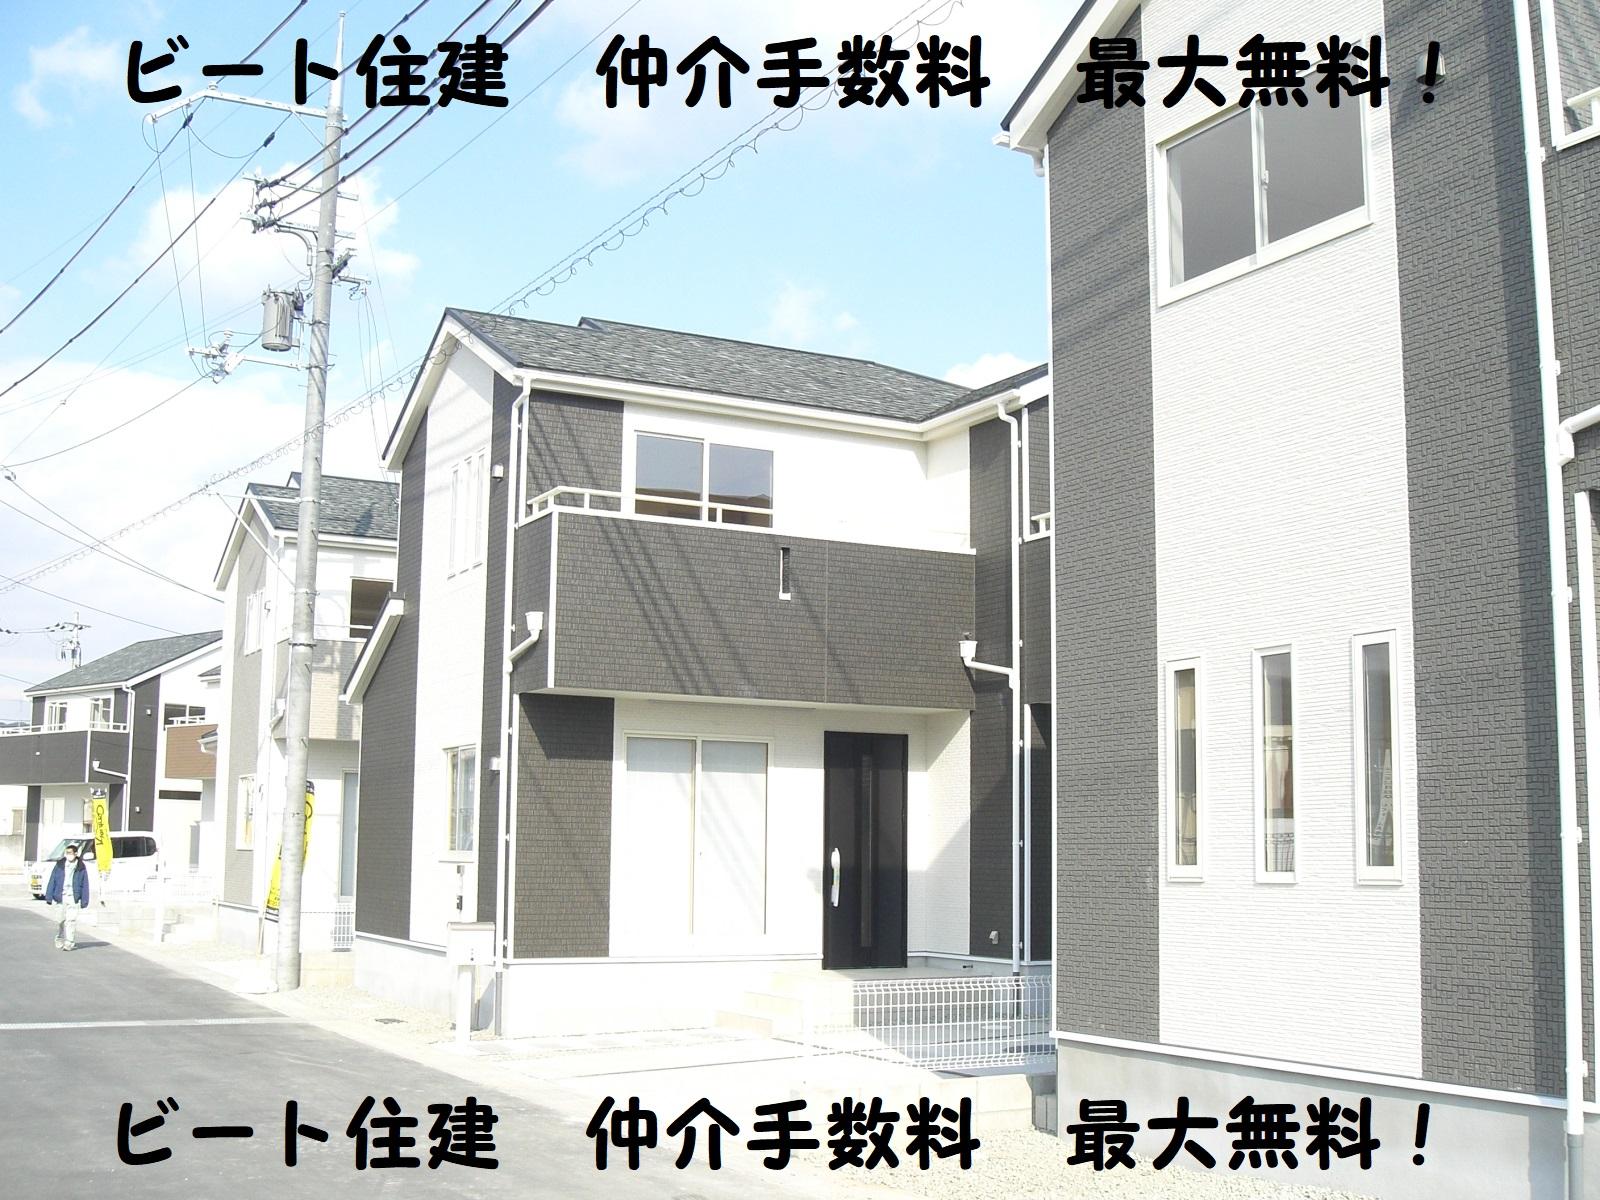 奈良県 生駒郡 平群町  新築一戸建て ビート住建  お買い得 仲介手数料 最大無料